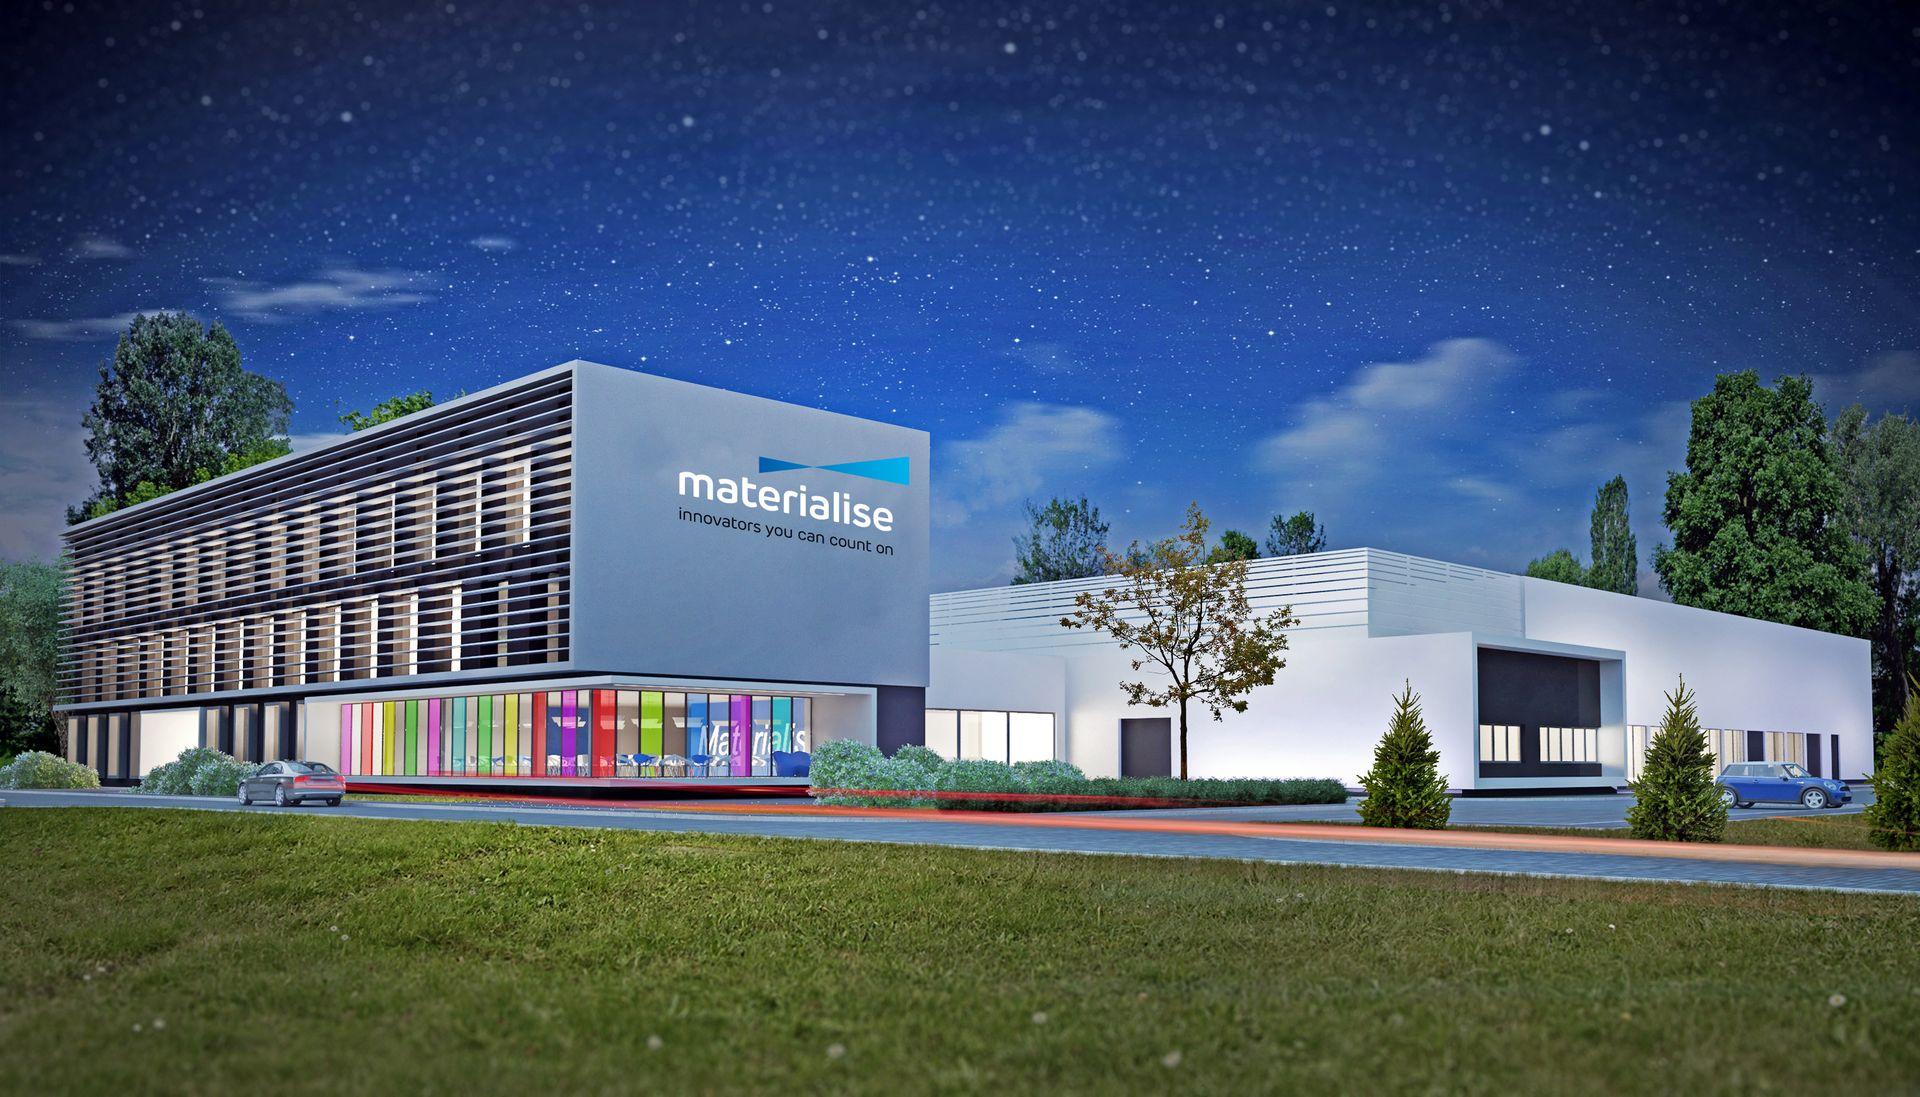 [Aglomeracja Wrocławska] Materialise inwestuje w Bielanach Wrocławskich [WIZUALIZACJE]